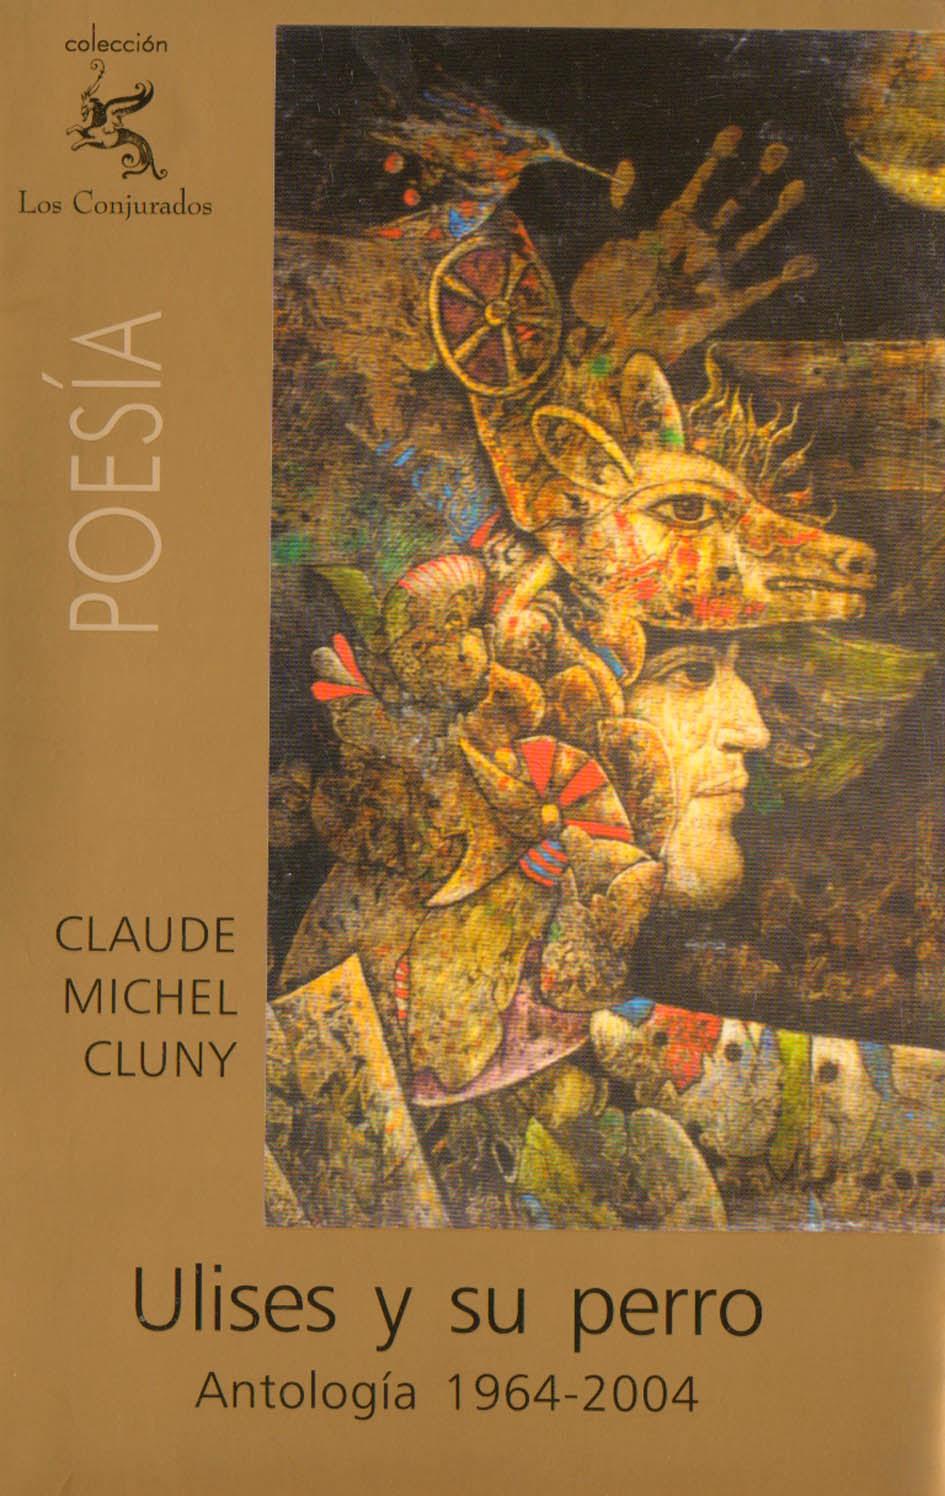 Colección de Poesía